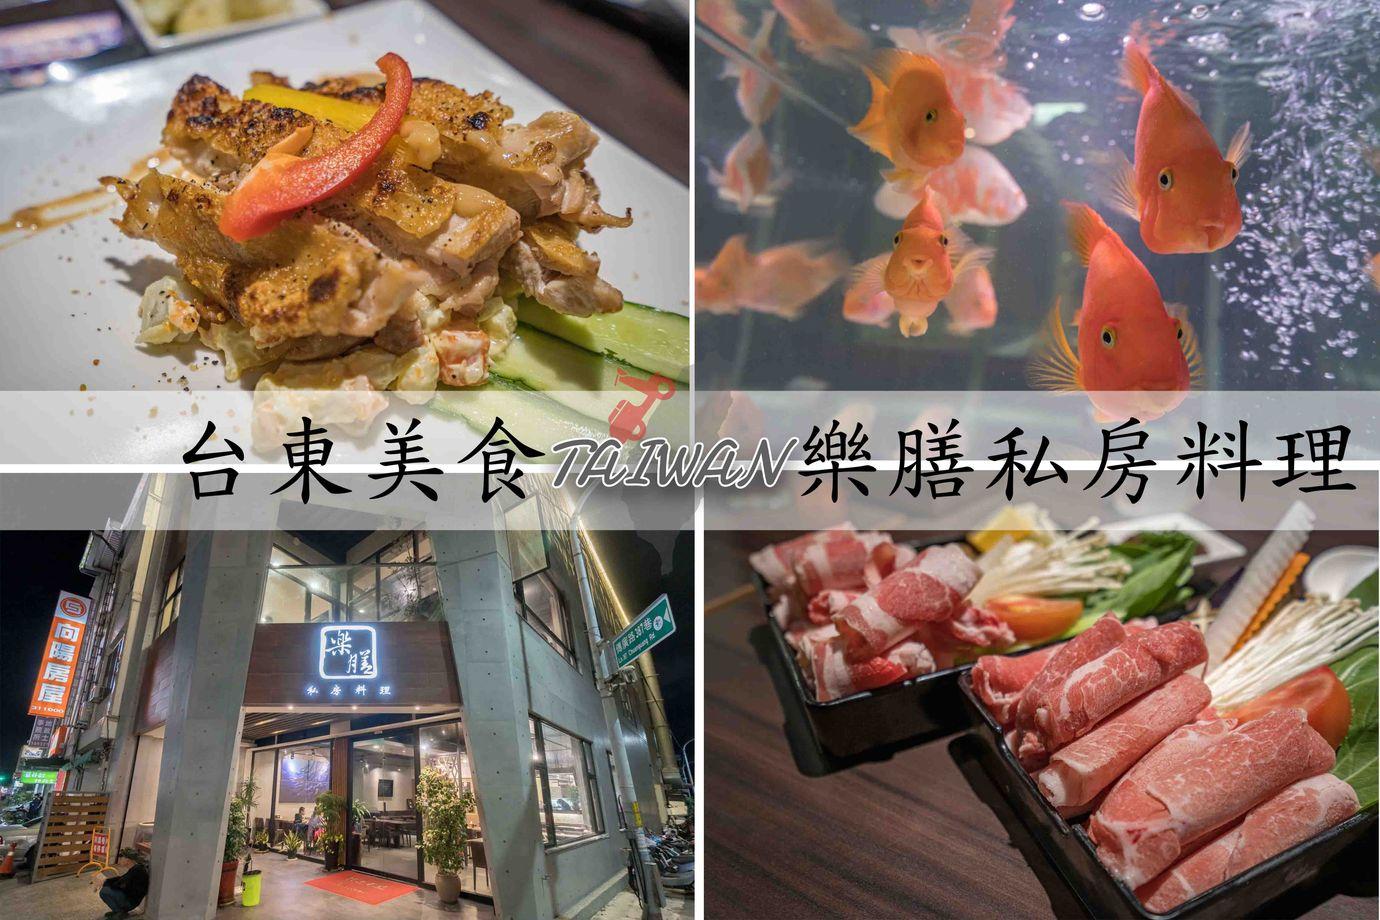 『台東美食』樂膳私房料理,簡餐、火鍋、義大利麵,停車方便~市區聚餐好選擇,菜單介紹、心得分享